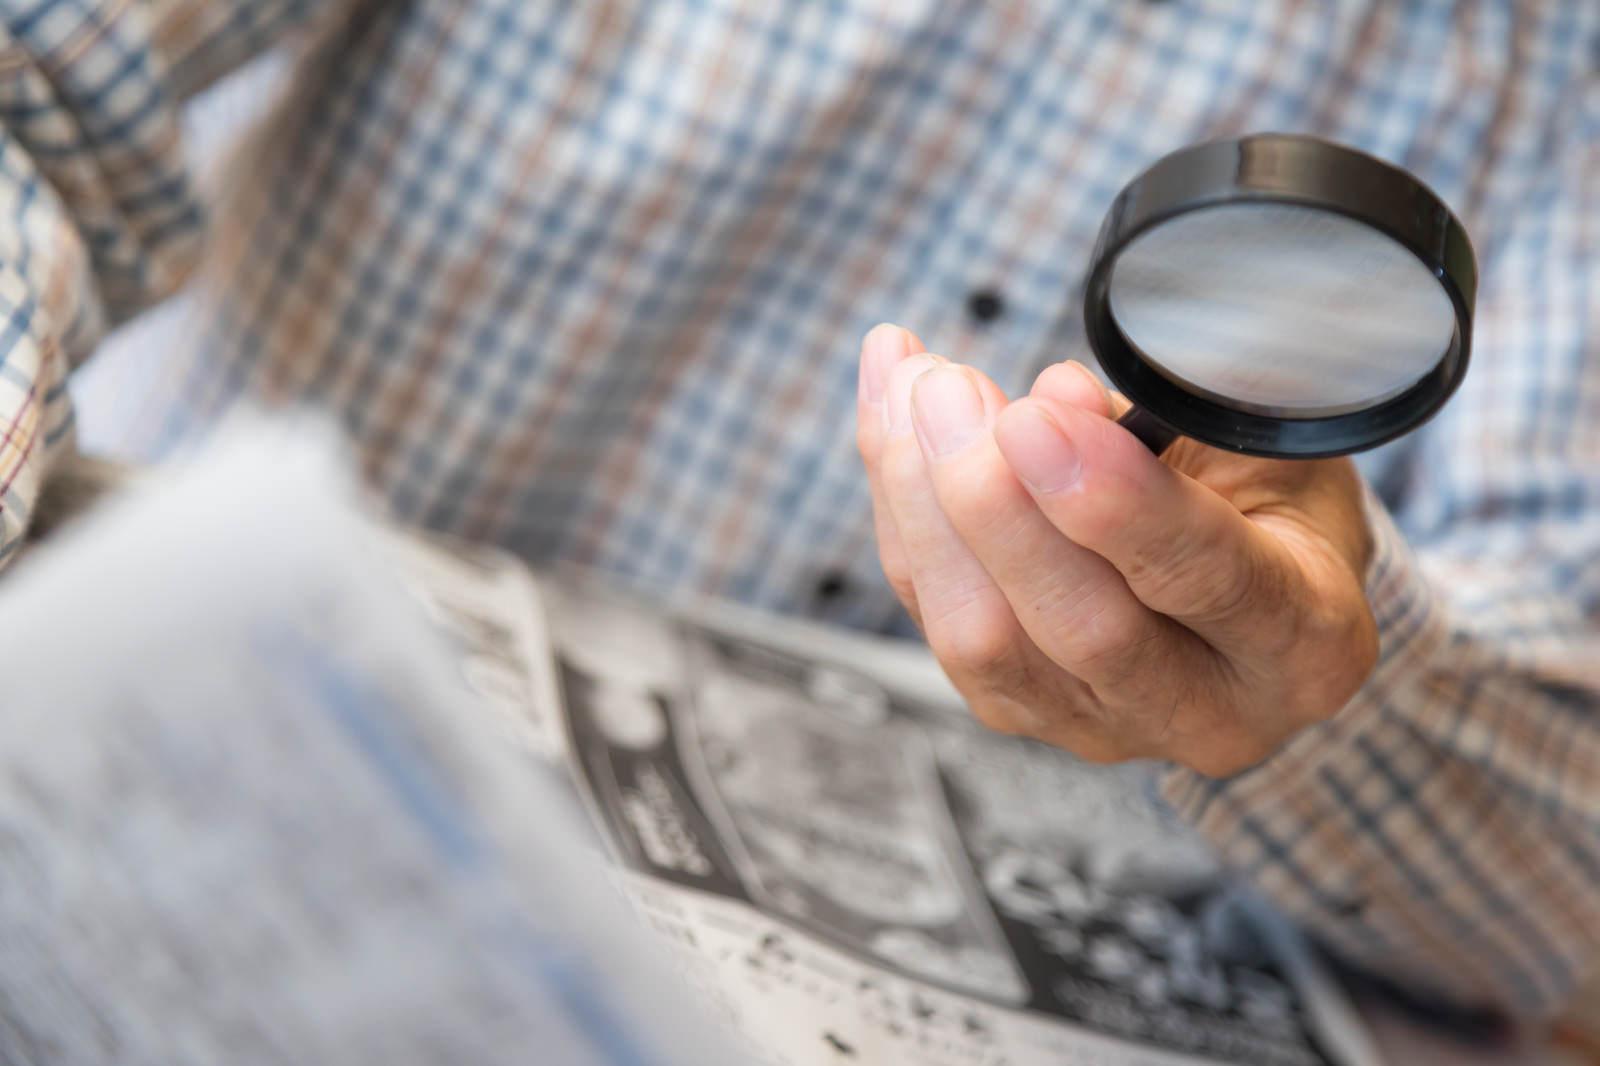 「手持ち拡大鏡で新聞を読む高齢者の手」の写真[モデル:まーちゃん]